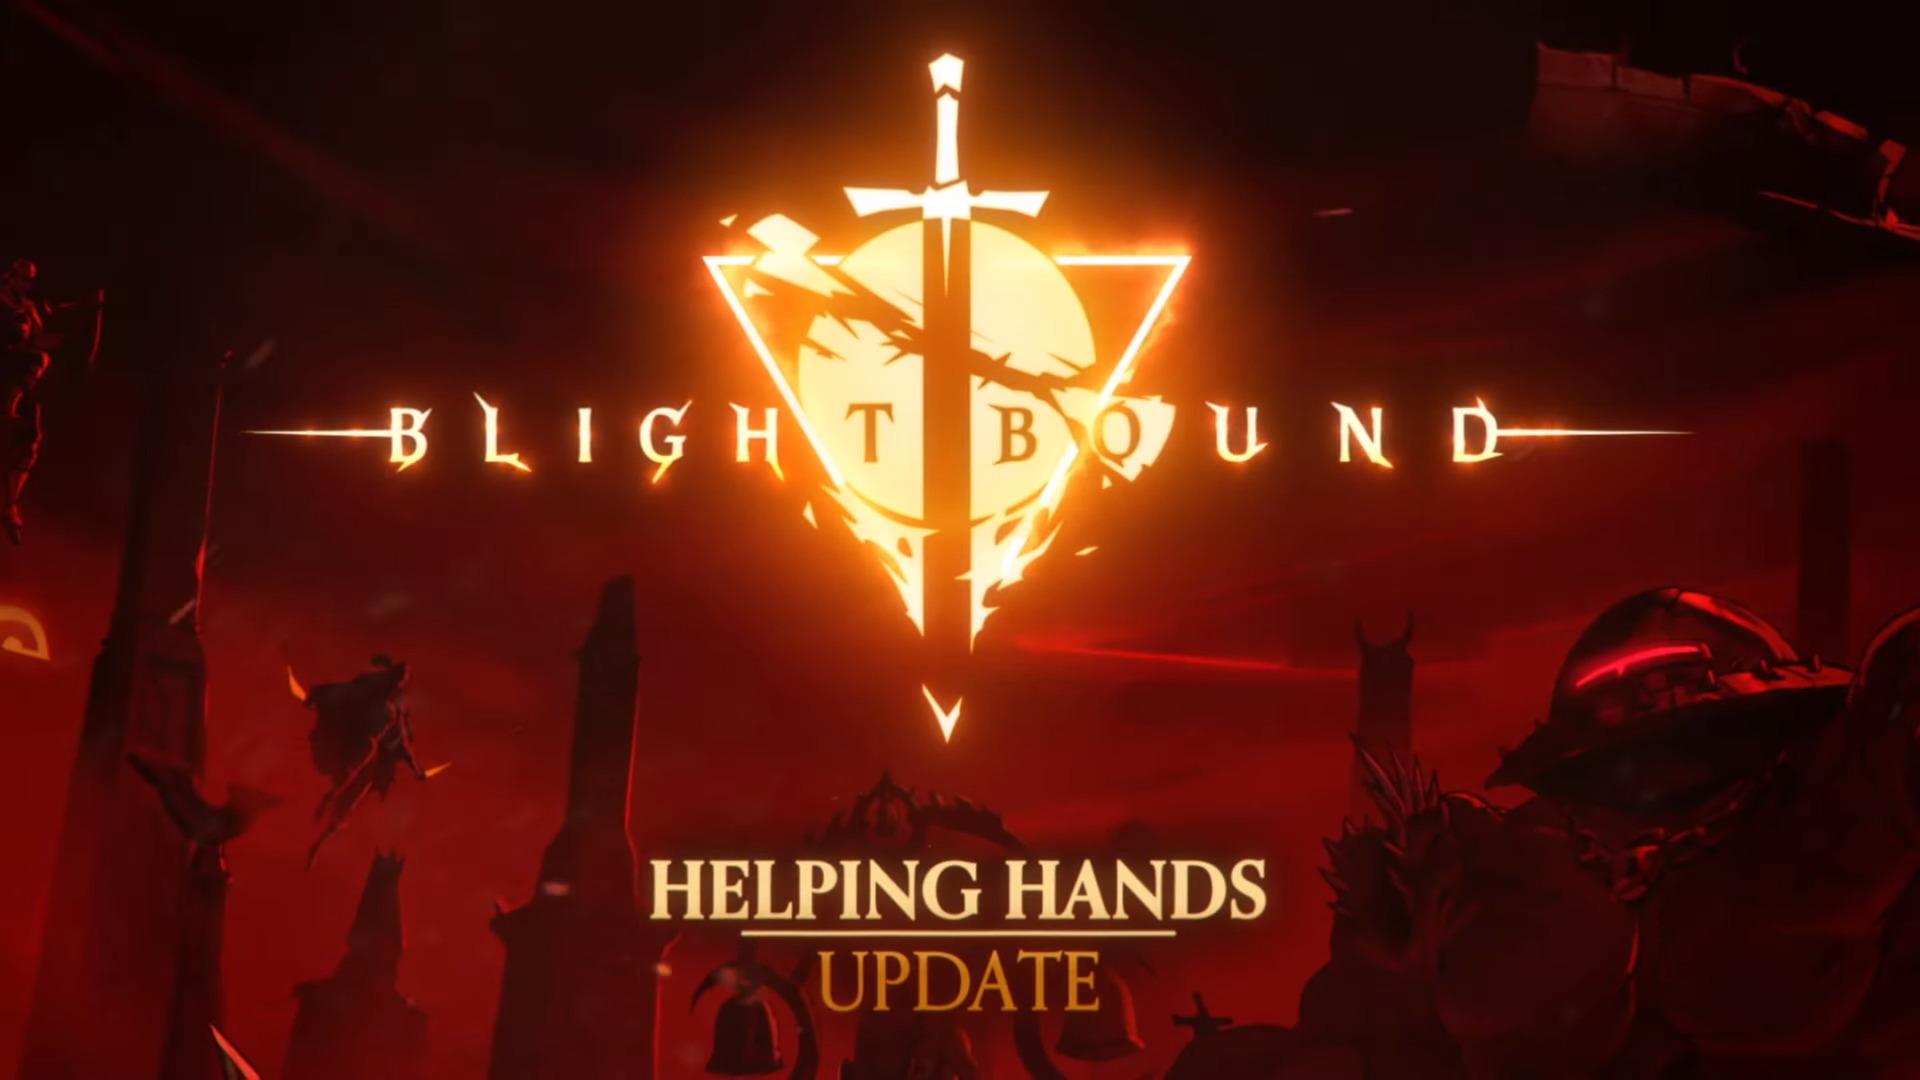 Blightbound - Helping Hands Update | Devolver Digital